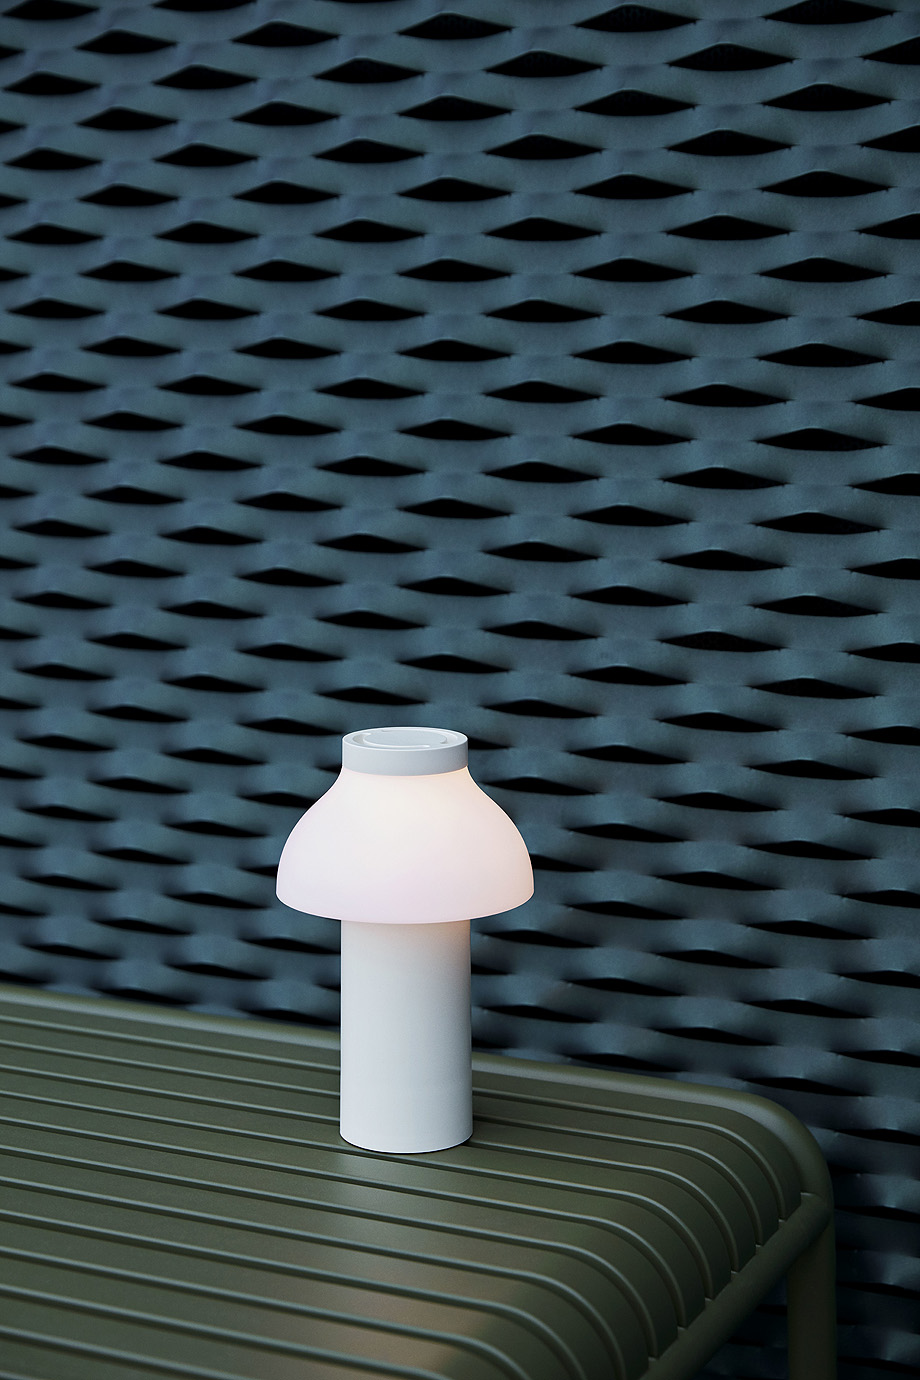 luminaria portable de pierre charpin y hay (1)